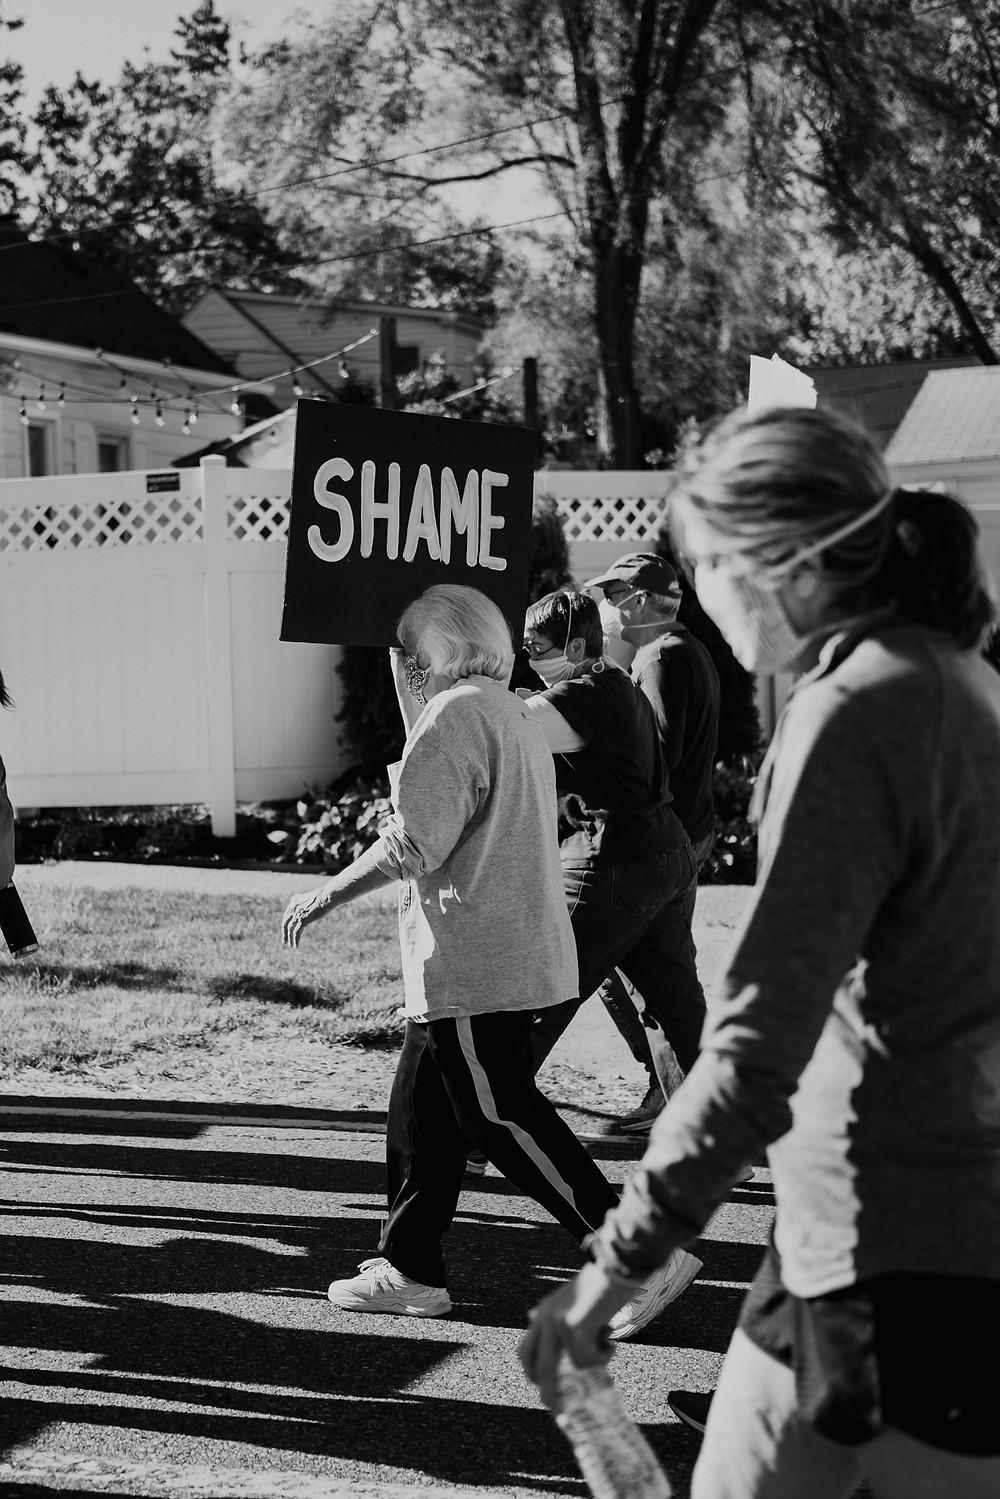 Protestors walk during Black Lives Matter protest